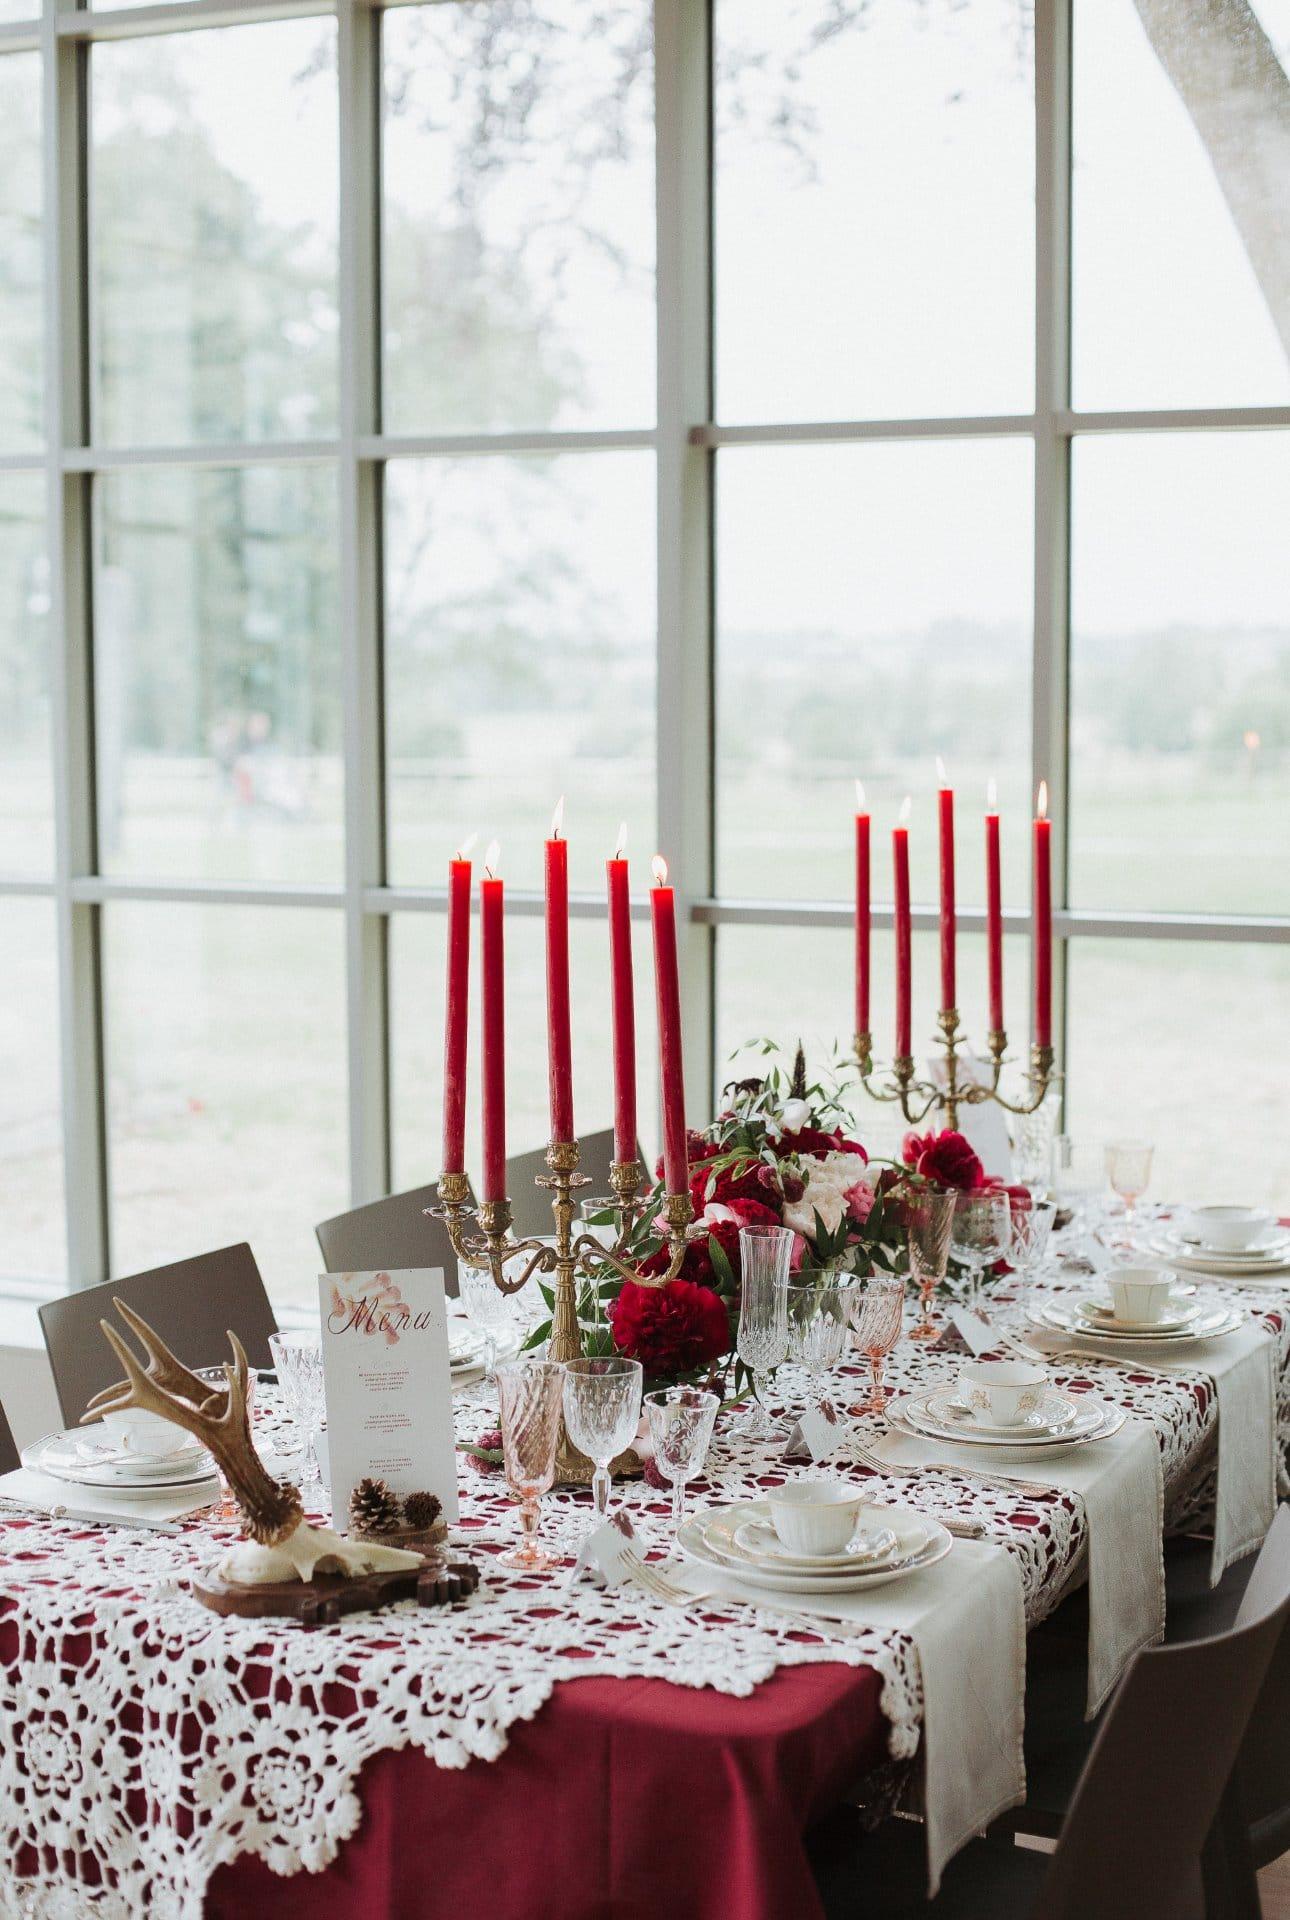 sterenn-officiante_ceremonie-laïque-bretagne-rennes-inspiration-bordeaux-table-vaisselle-vintage